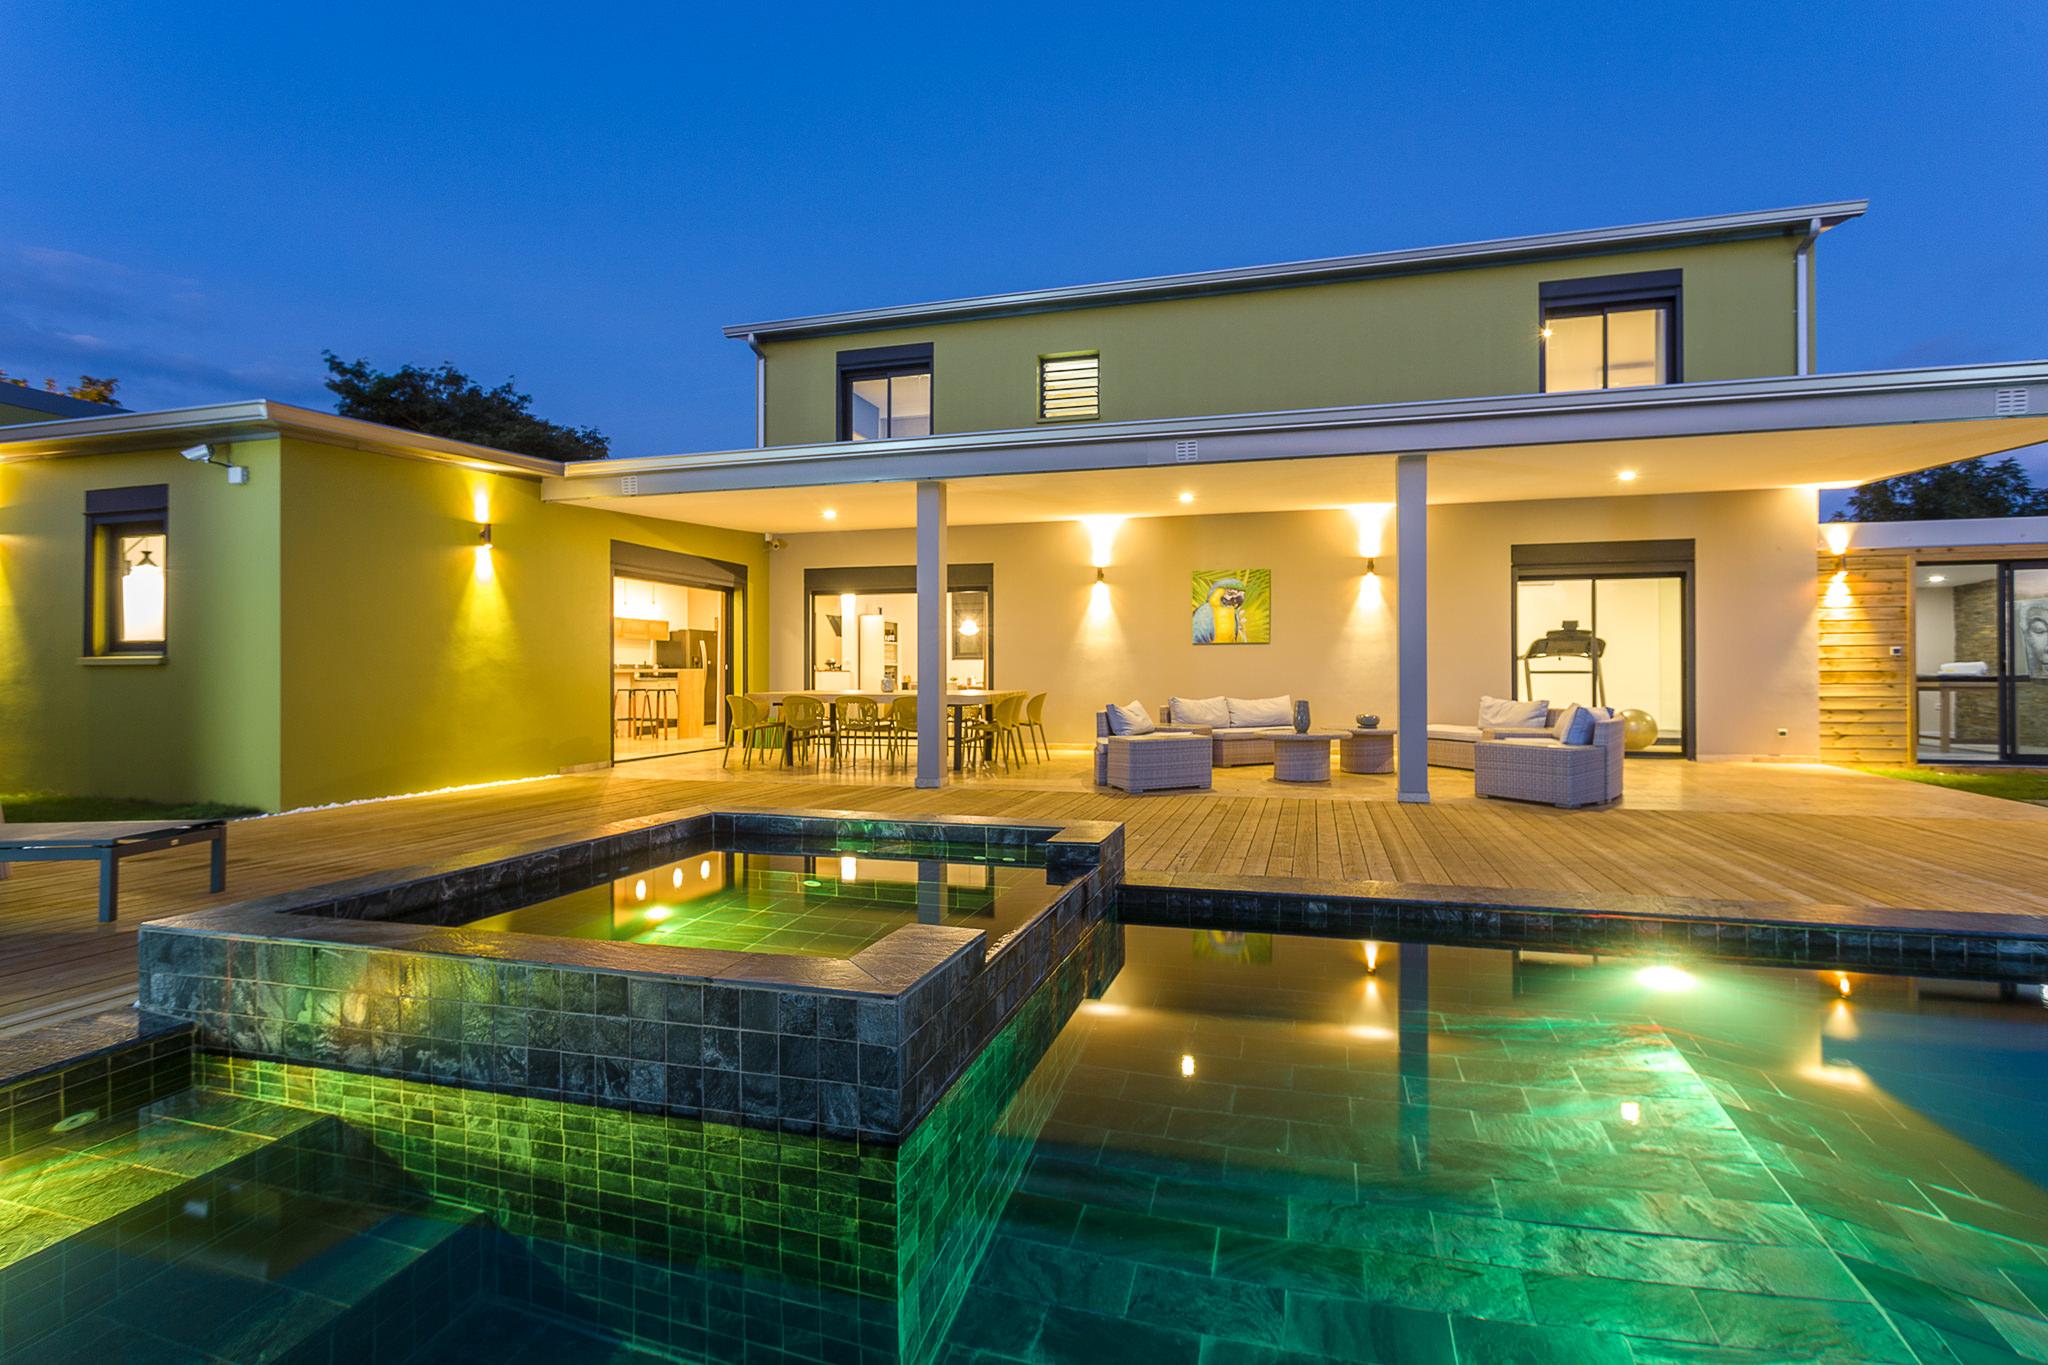 Ferienhaus mit Privatpool für 16 Personen ca.  in Afrika